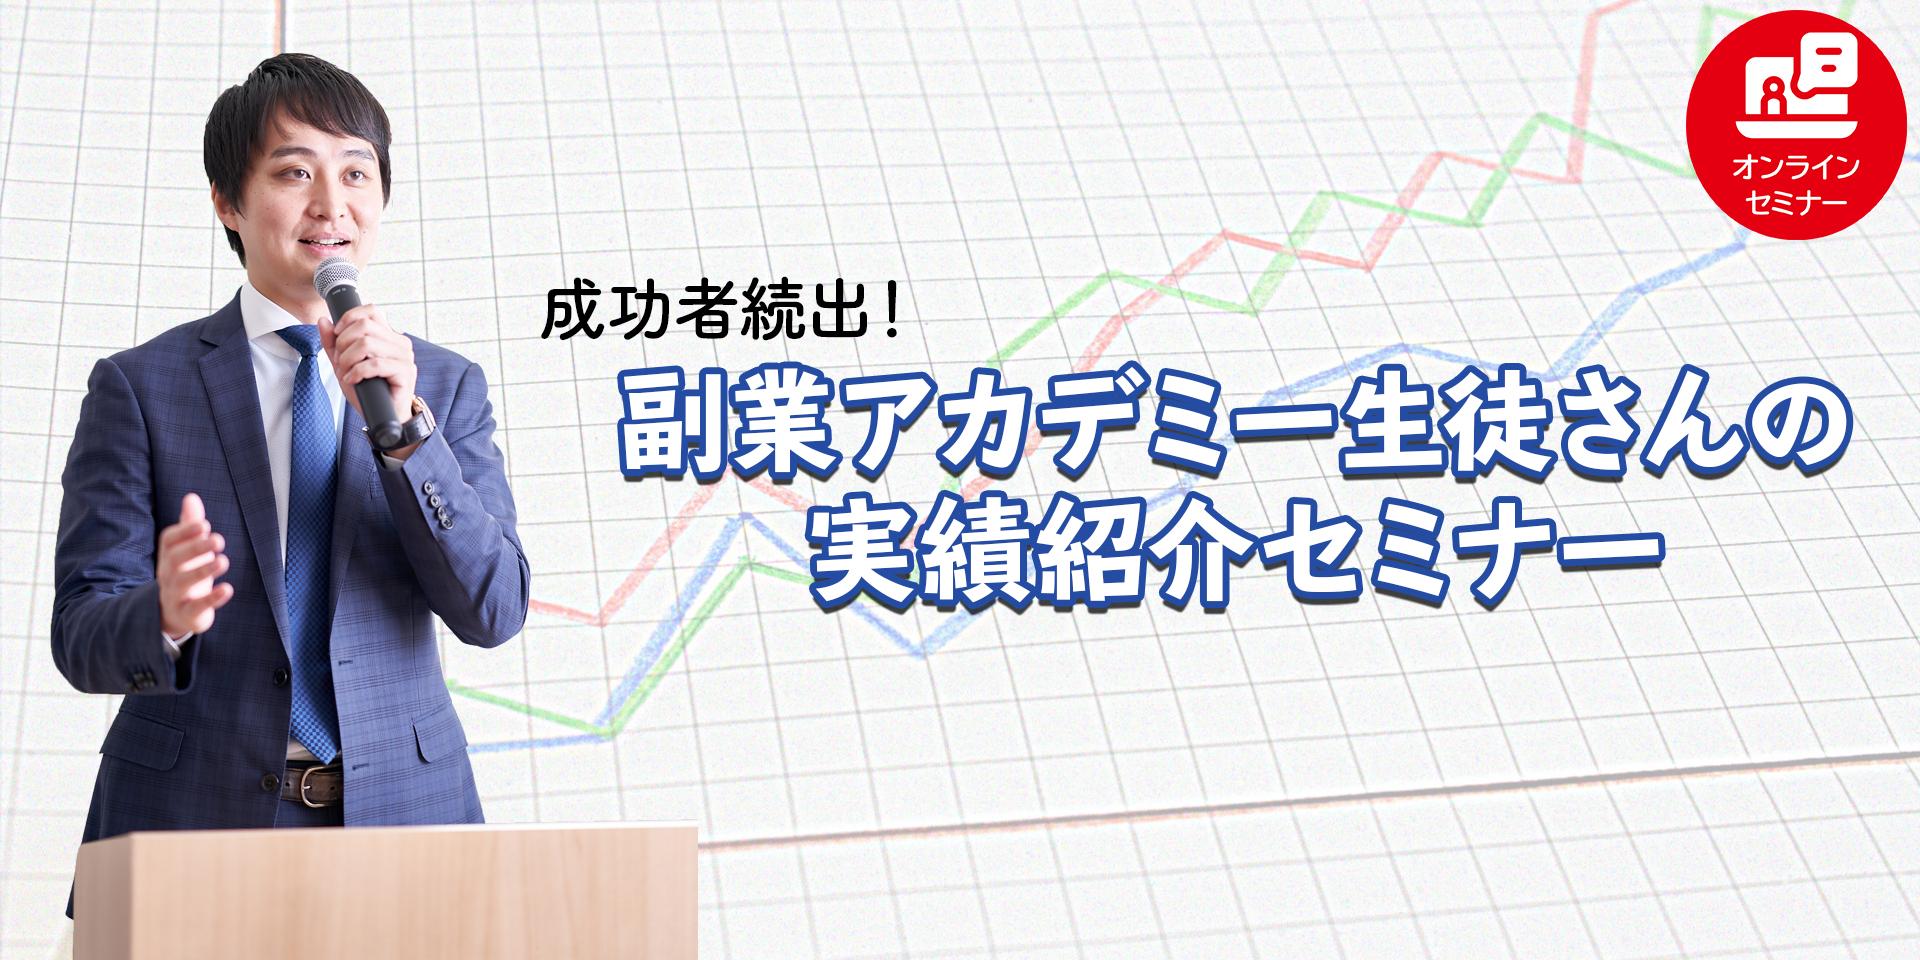 実績紹介セミナーオンライン